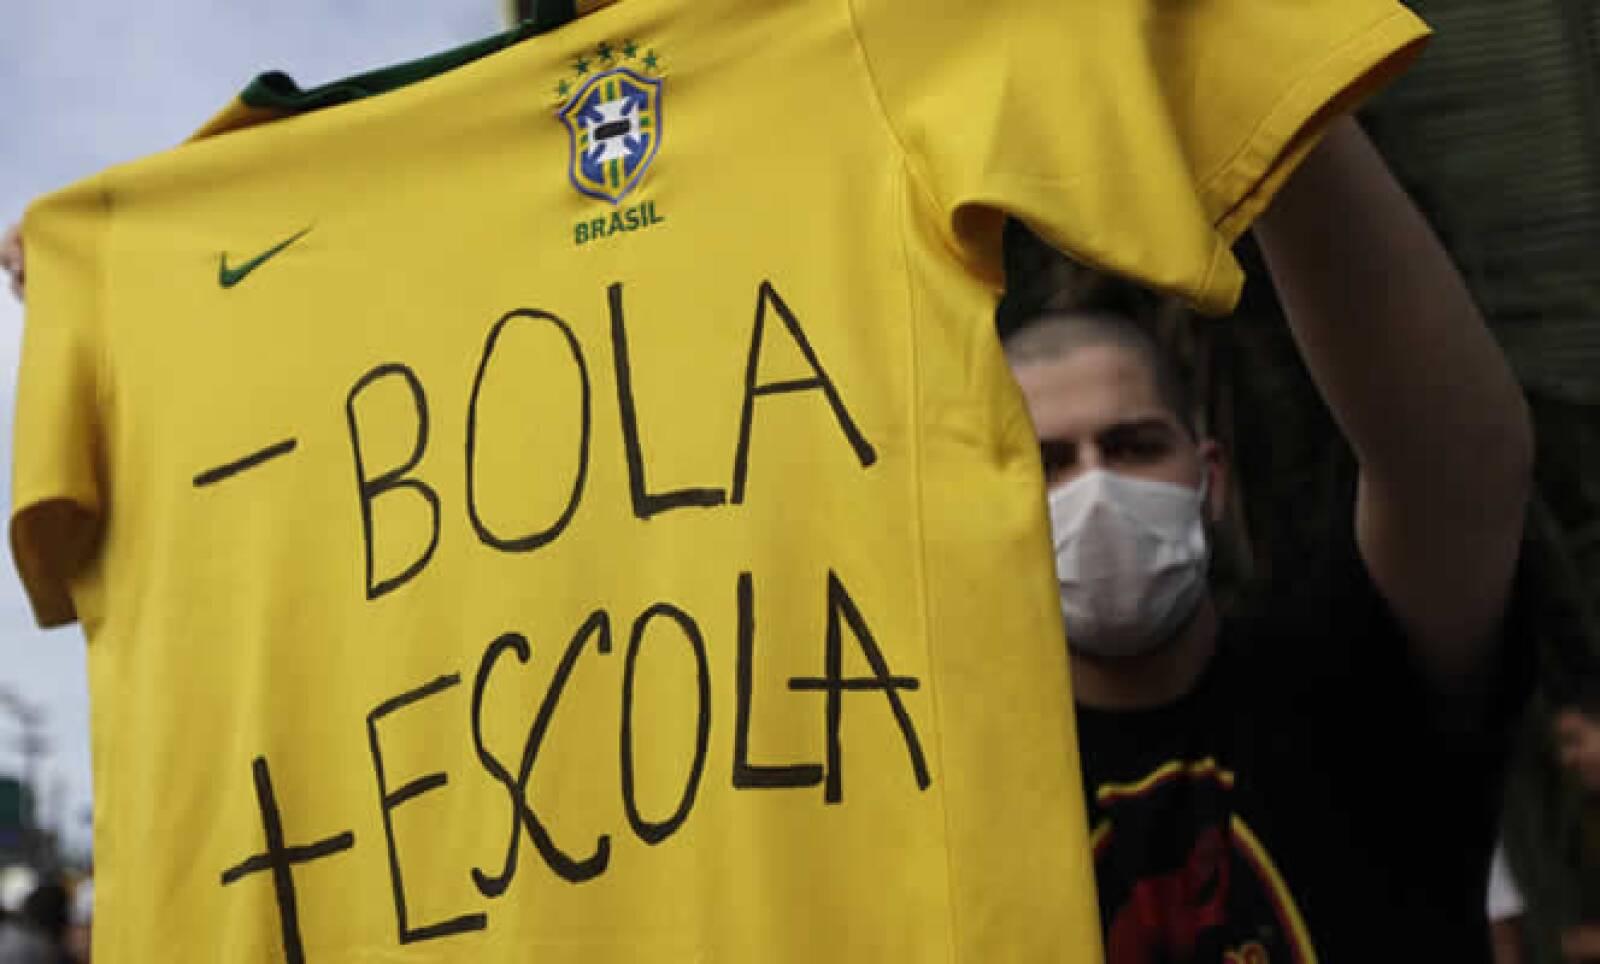 La presidenta Dilma Rousseff expresó su apoyo a las protestas, prometió frenar la violencia y pidió a los brasileños que sean generosos con turistas.